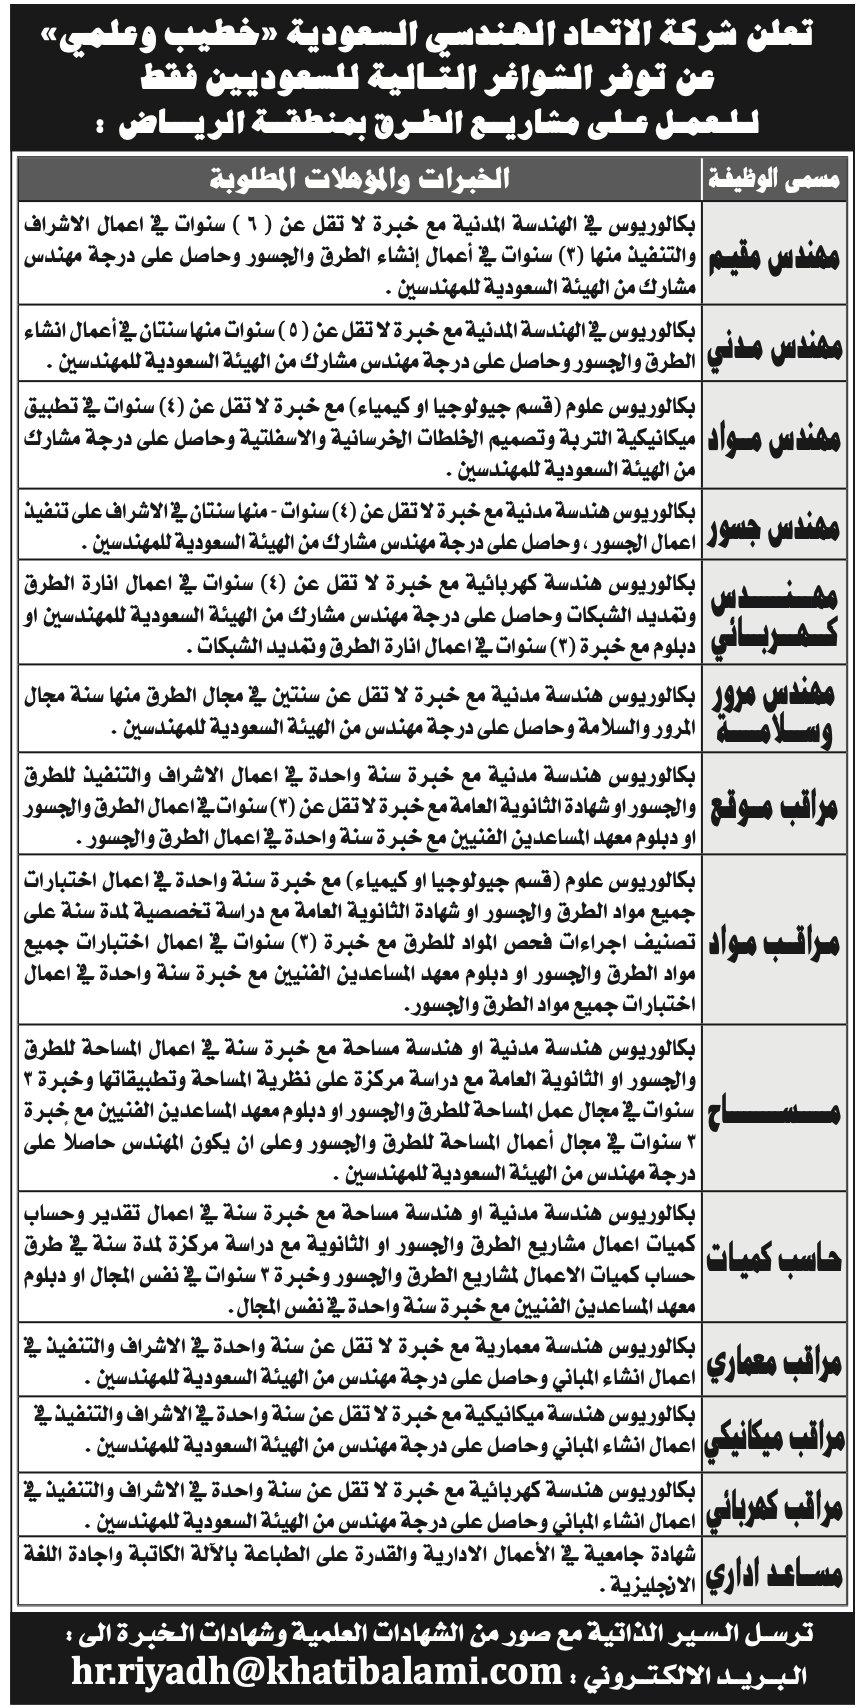 تعلن شركة الاتحاد الهندسي السعودية عن توفر (14) وظيفة هندسية وإدارية للسعوديين  للعمل في عقود مشاريع الطرق بمنطقة #الرياض   #الرياض_الان #وظائف #الهلال_بختاكور #وظيفة